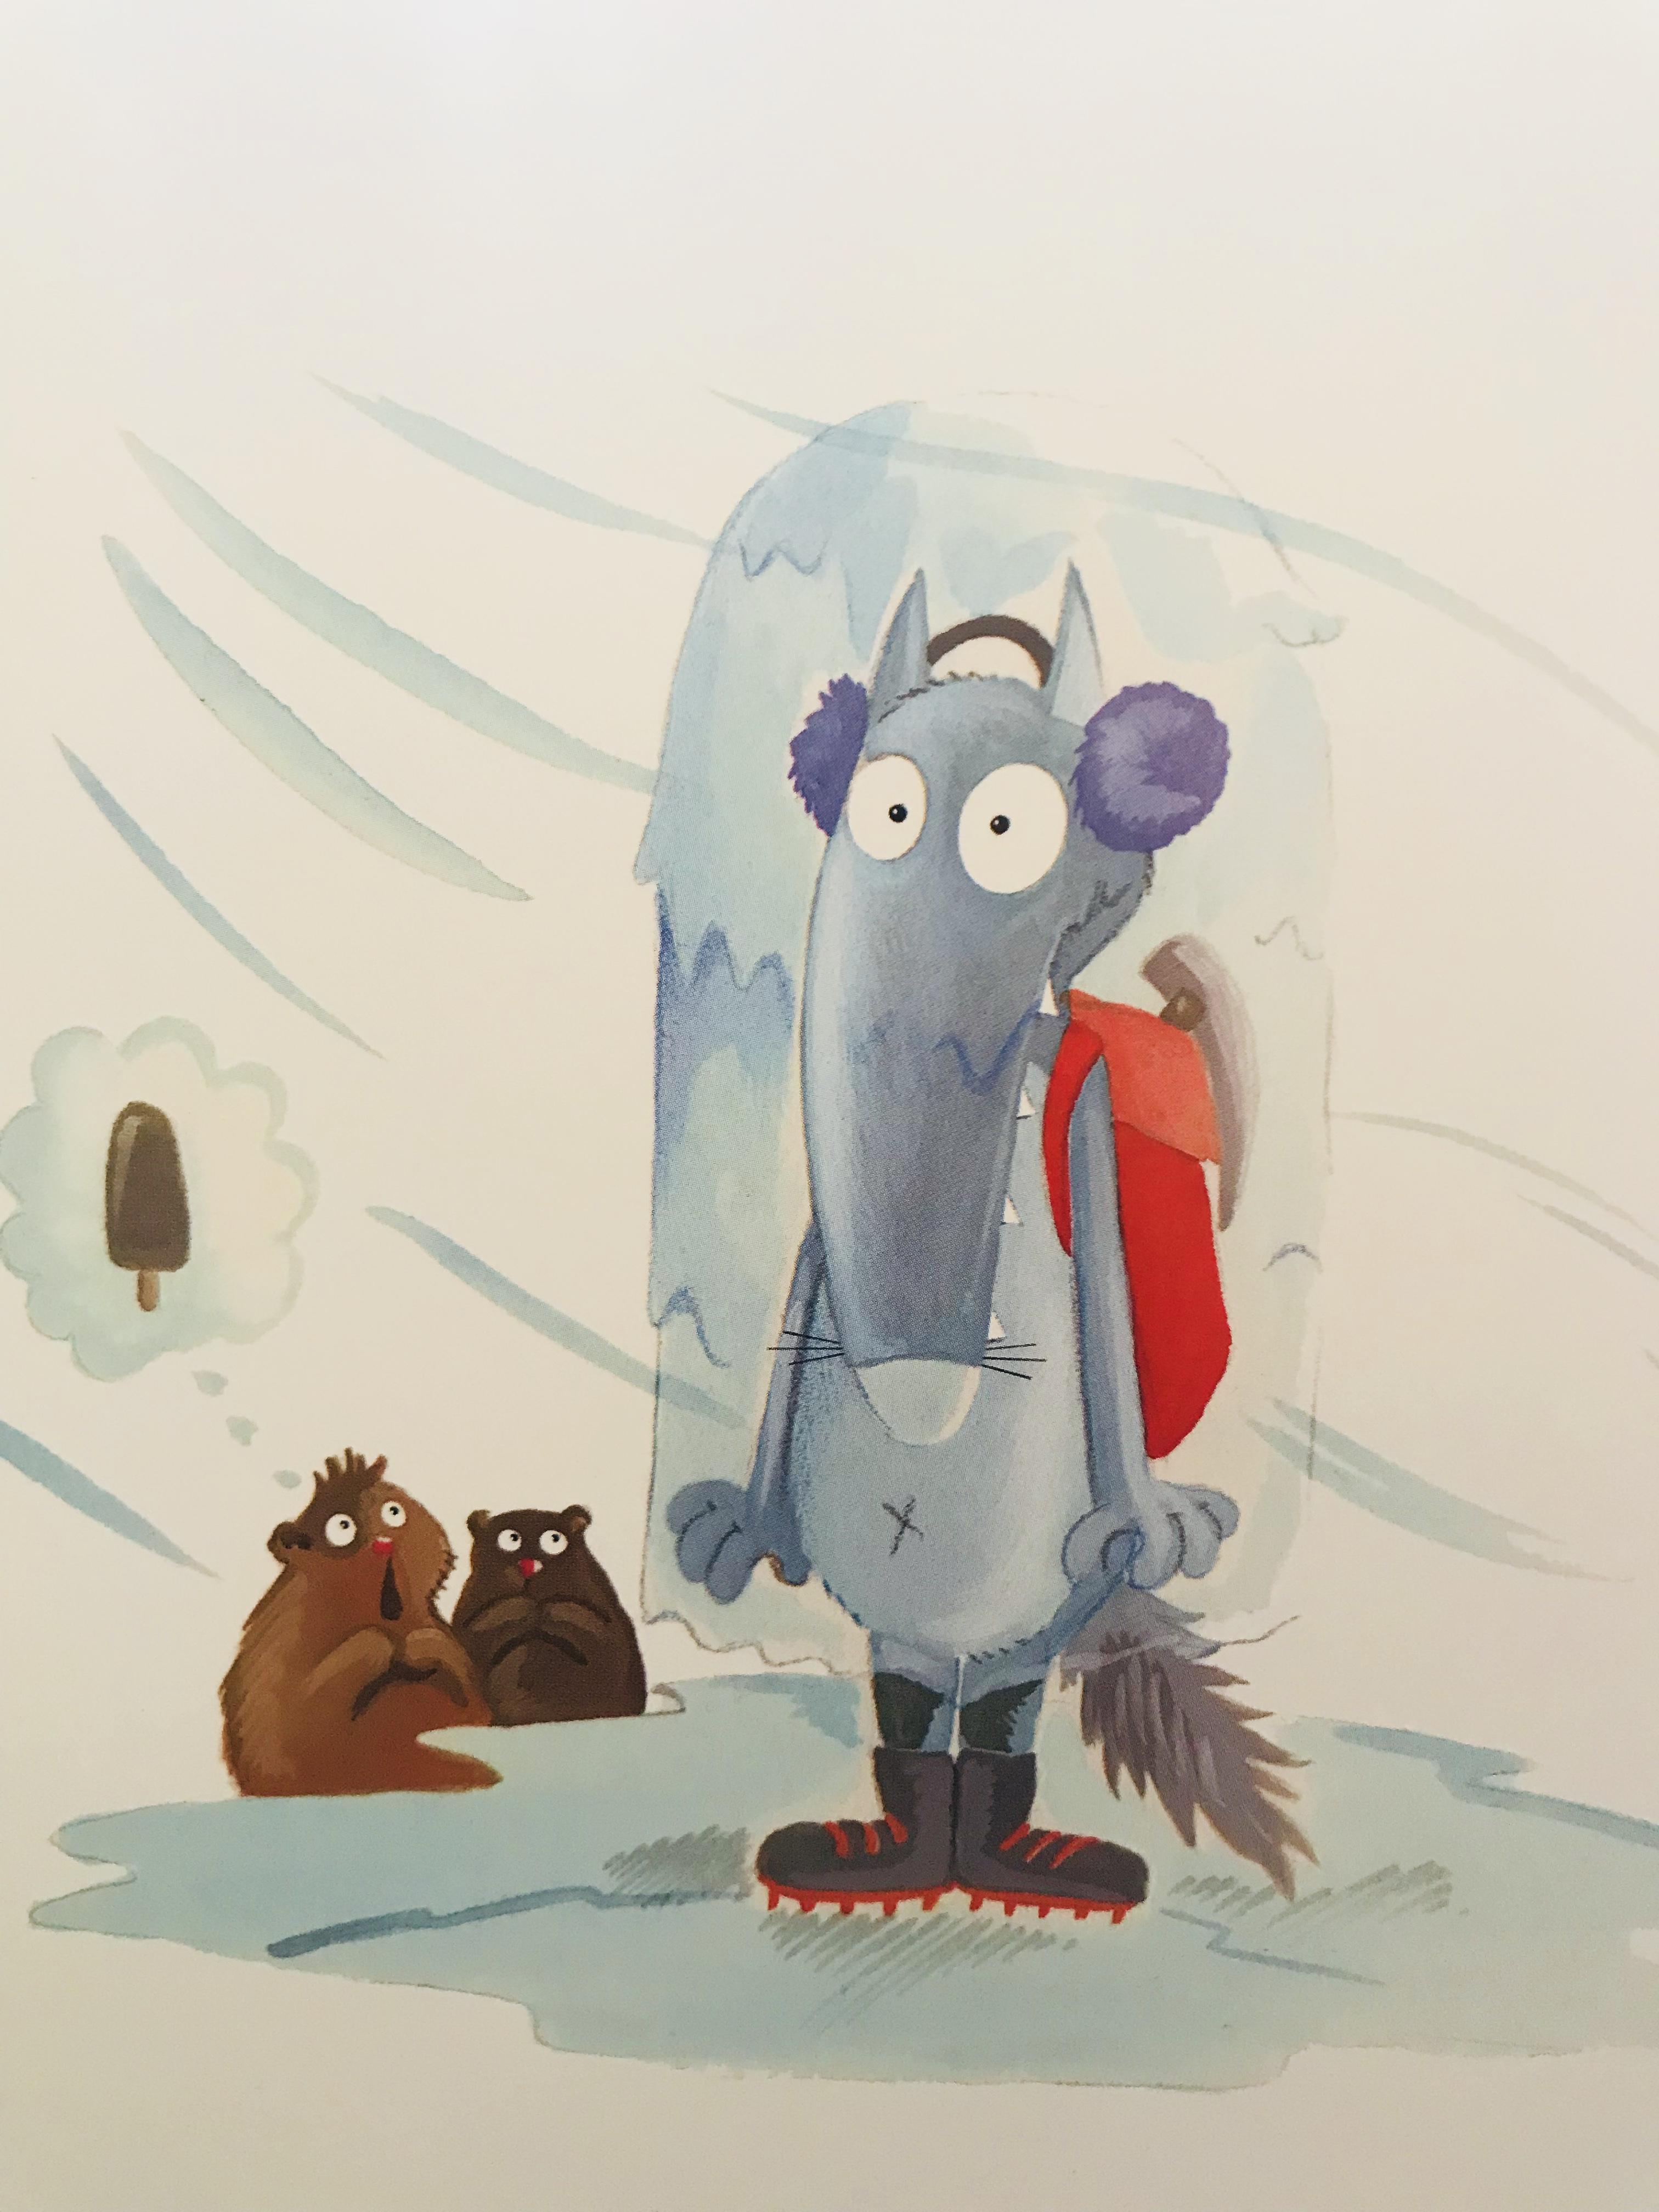 Le Loup Qui Escaladait Les Montagnes : escaladait, montagnes, Série, Mercredi, (1/2), Escaladait, Montagnes, LittlemumLittleboy